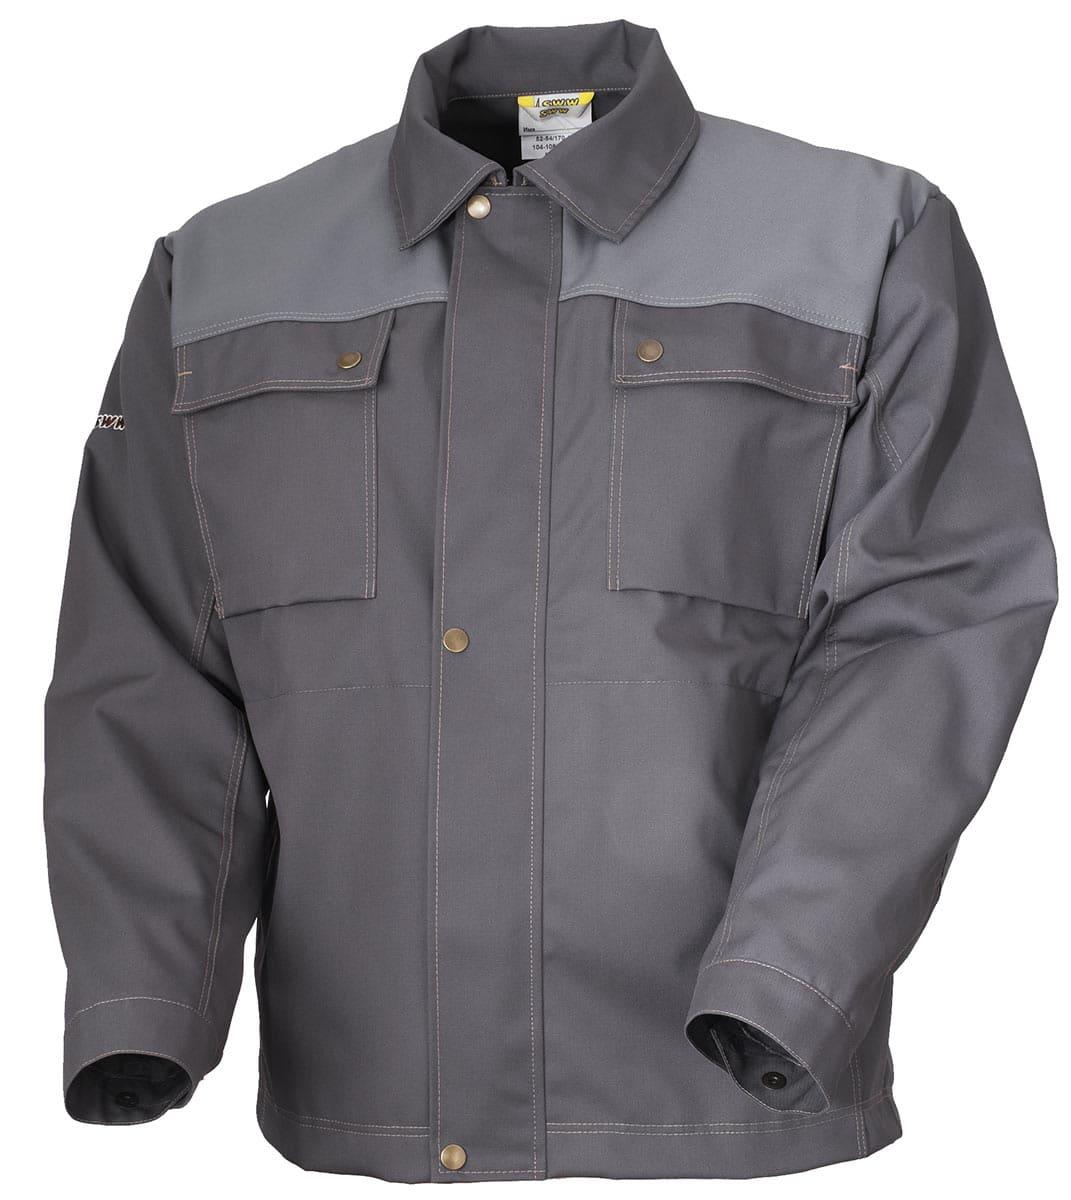 Летняя куртка мужская серая 374A-P154-55 скандинавского качества в интернет-магазине sww